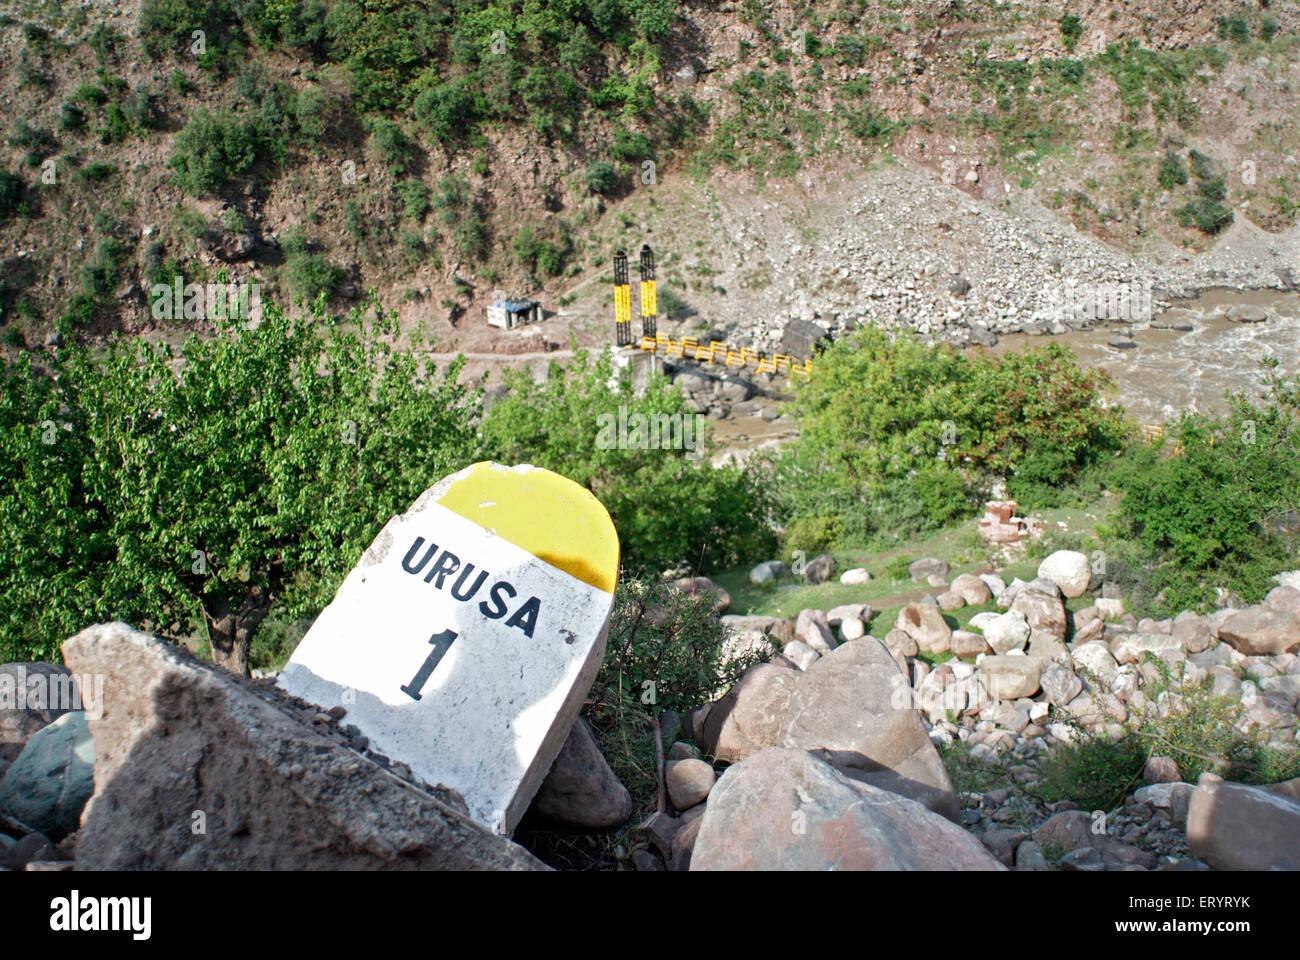 Meilenstein-Schäden zeigen, Entfernung von Urusa; Baramulla; Jammu und Kaschmir; Indien 6. April 2008 Stockbild